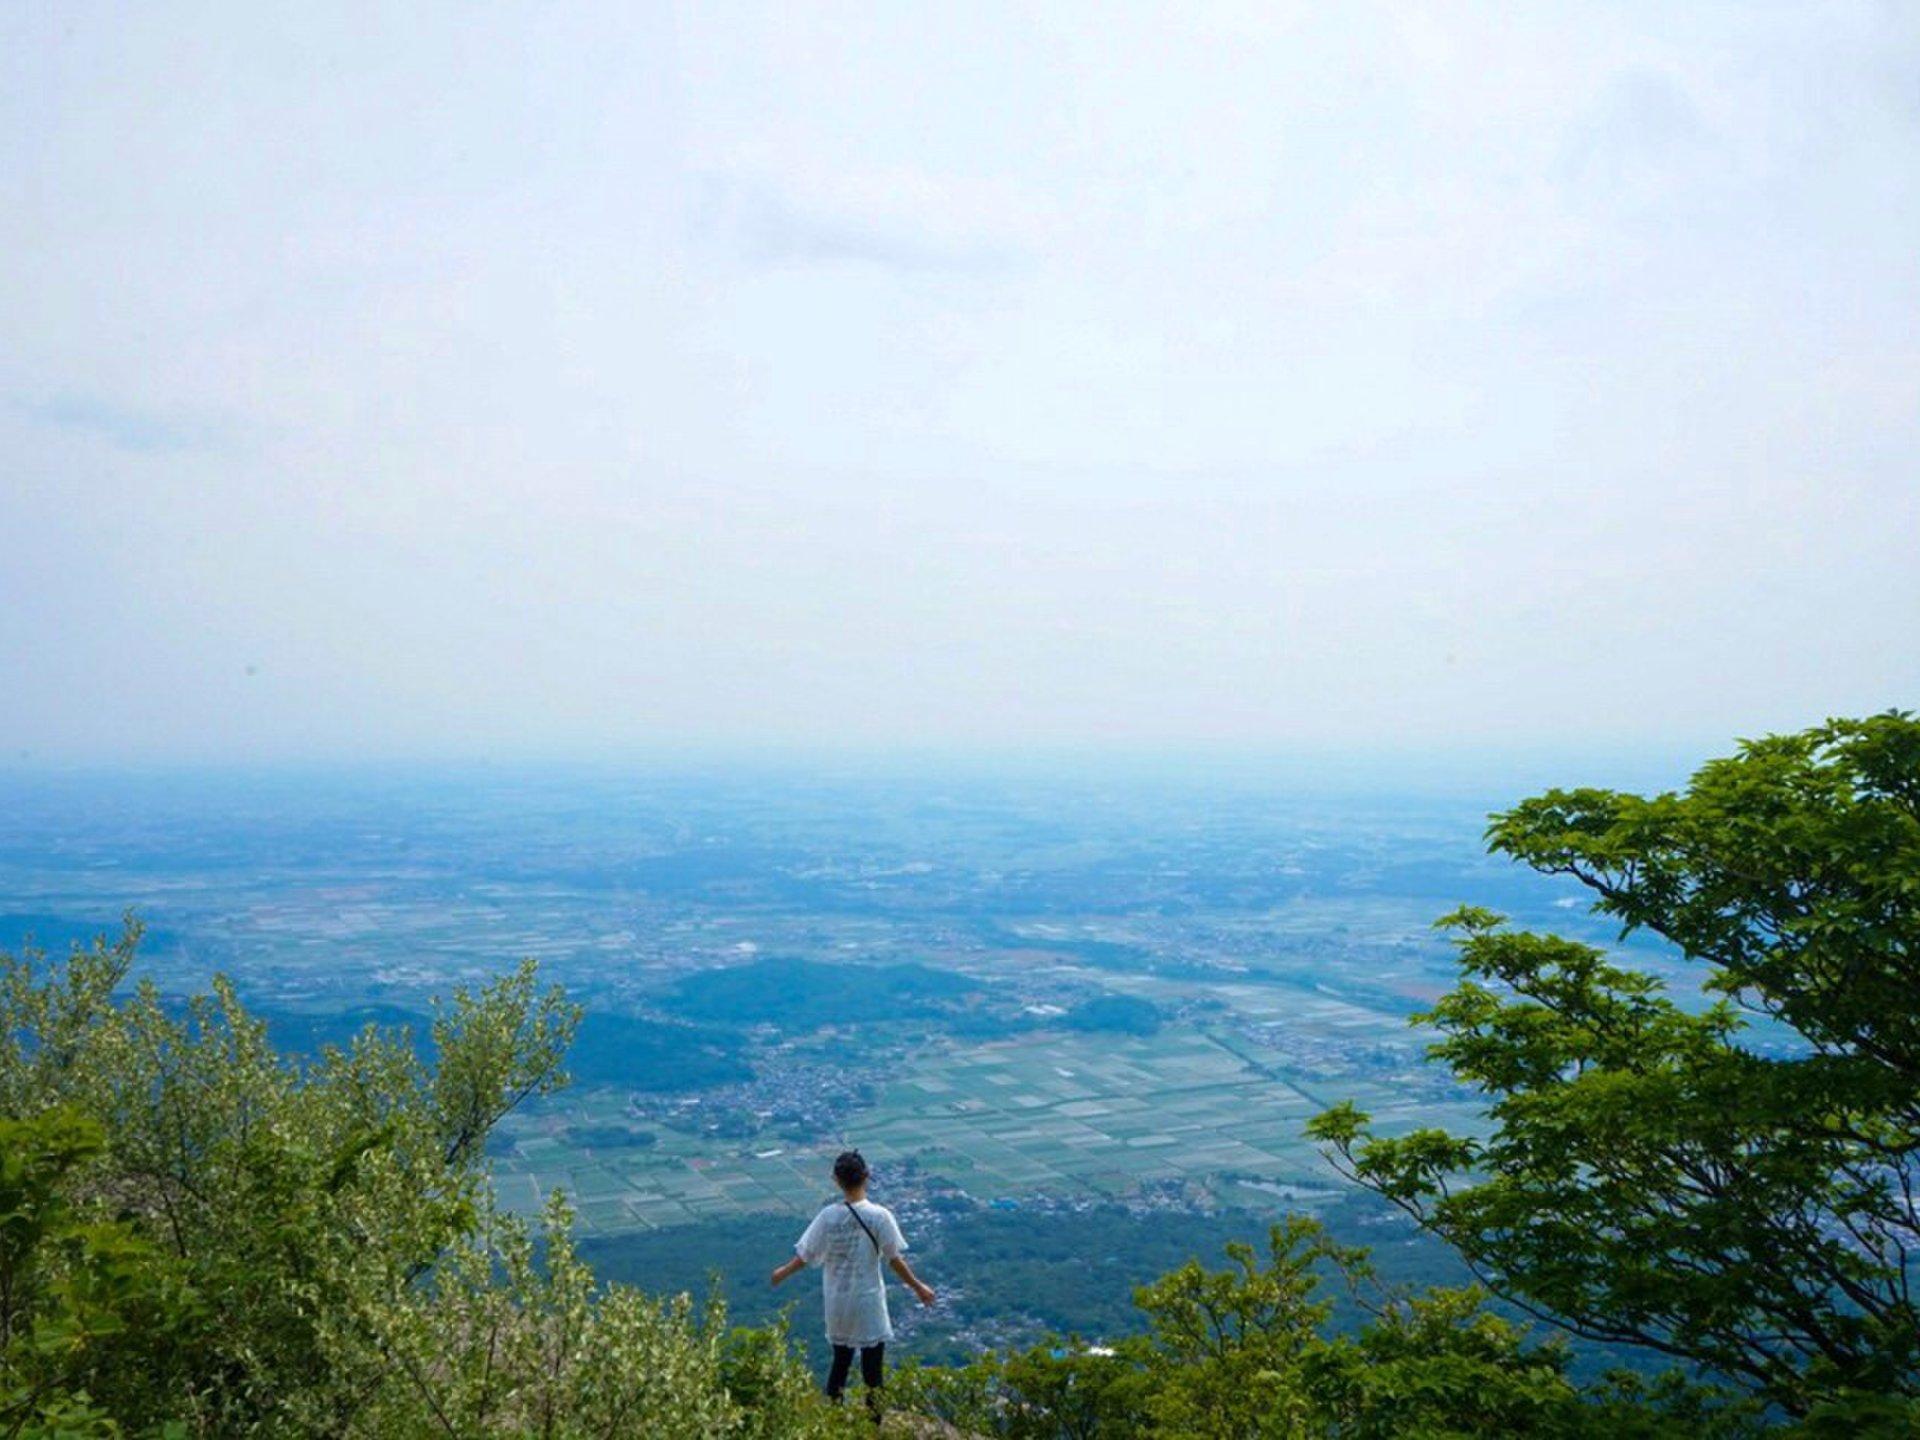 筑波山ドライブ!お気軽日帰り登山とおすすめ絶景スポットをご紹介